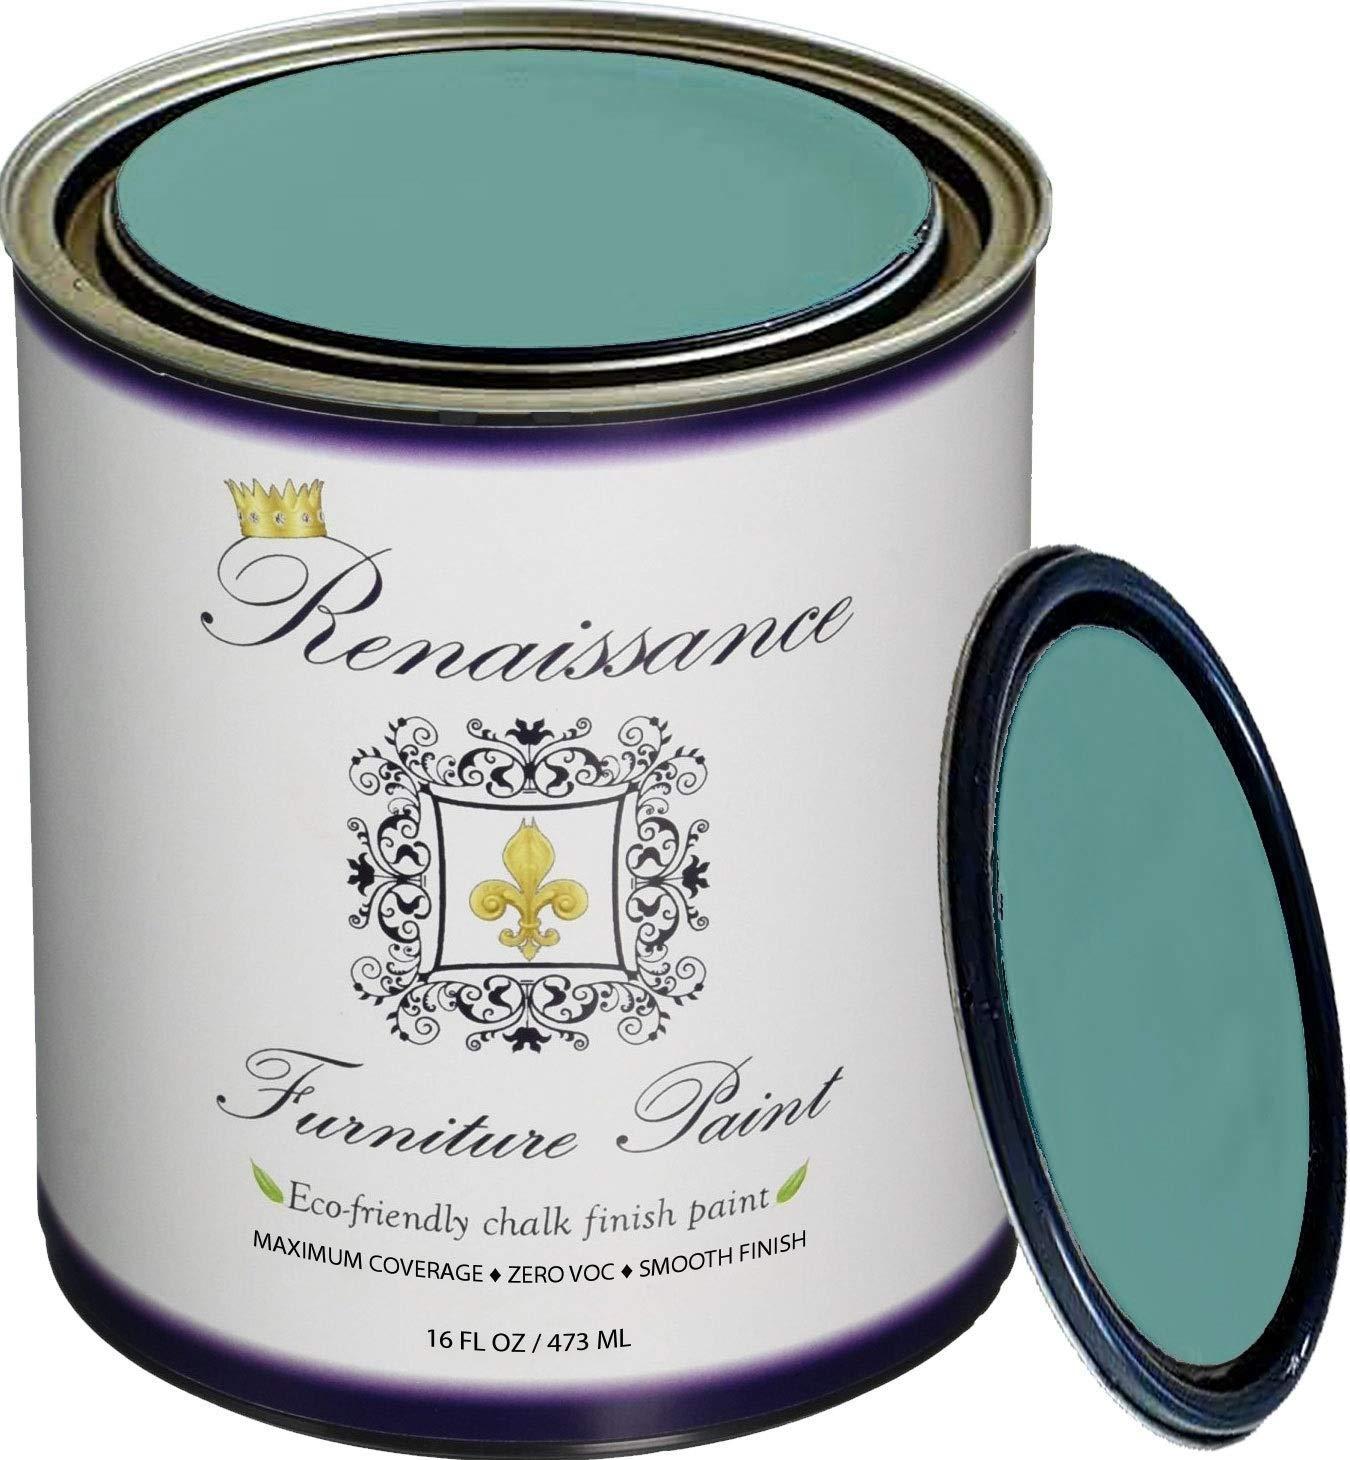 Retique It Chalk Finish Paint by Renaissance - Non Toxic, Eco-Friendly Chalk Furniture & Cabinet Paint - 16 oz (Pint), Camelot Blue